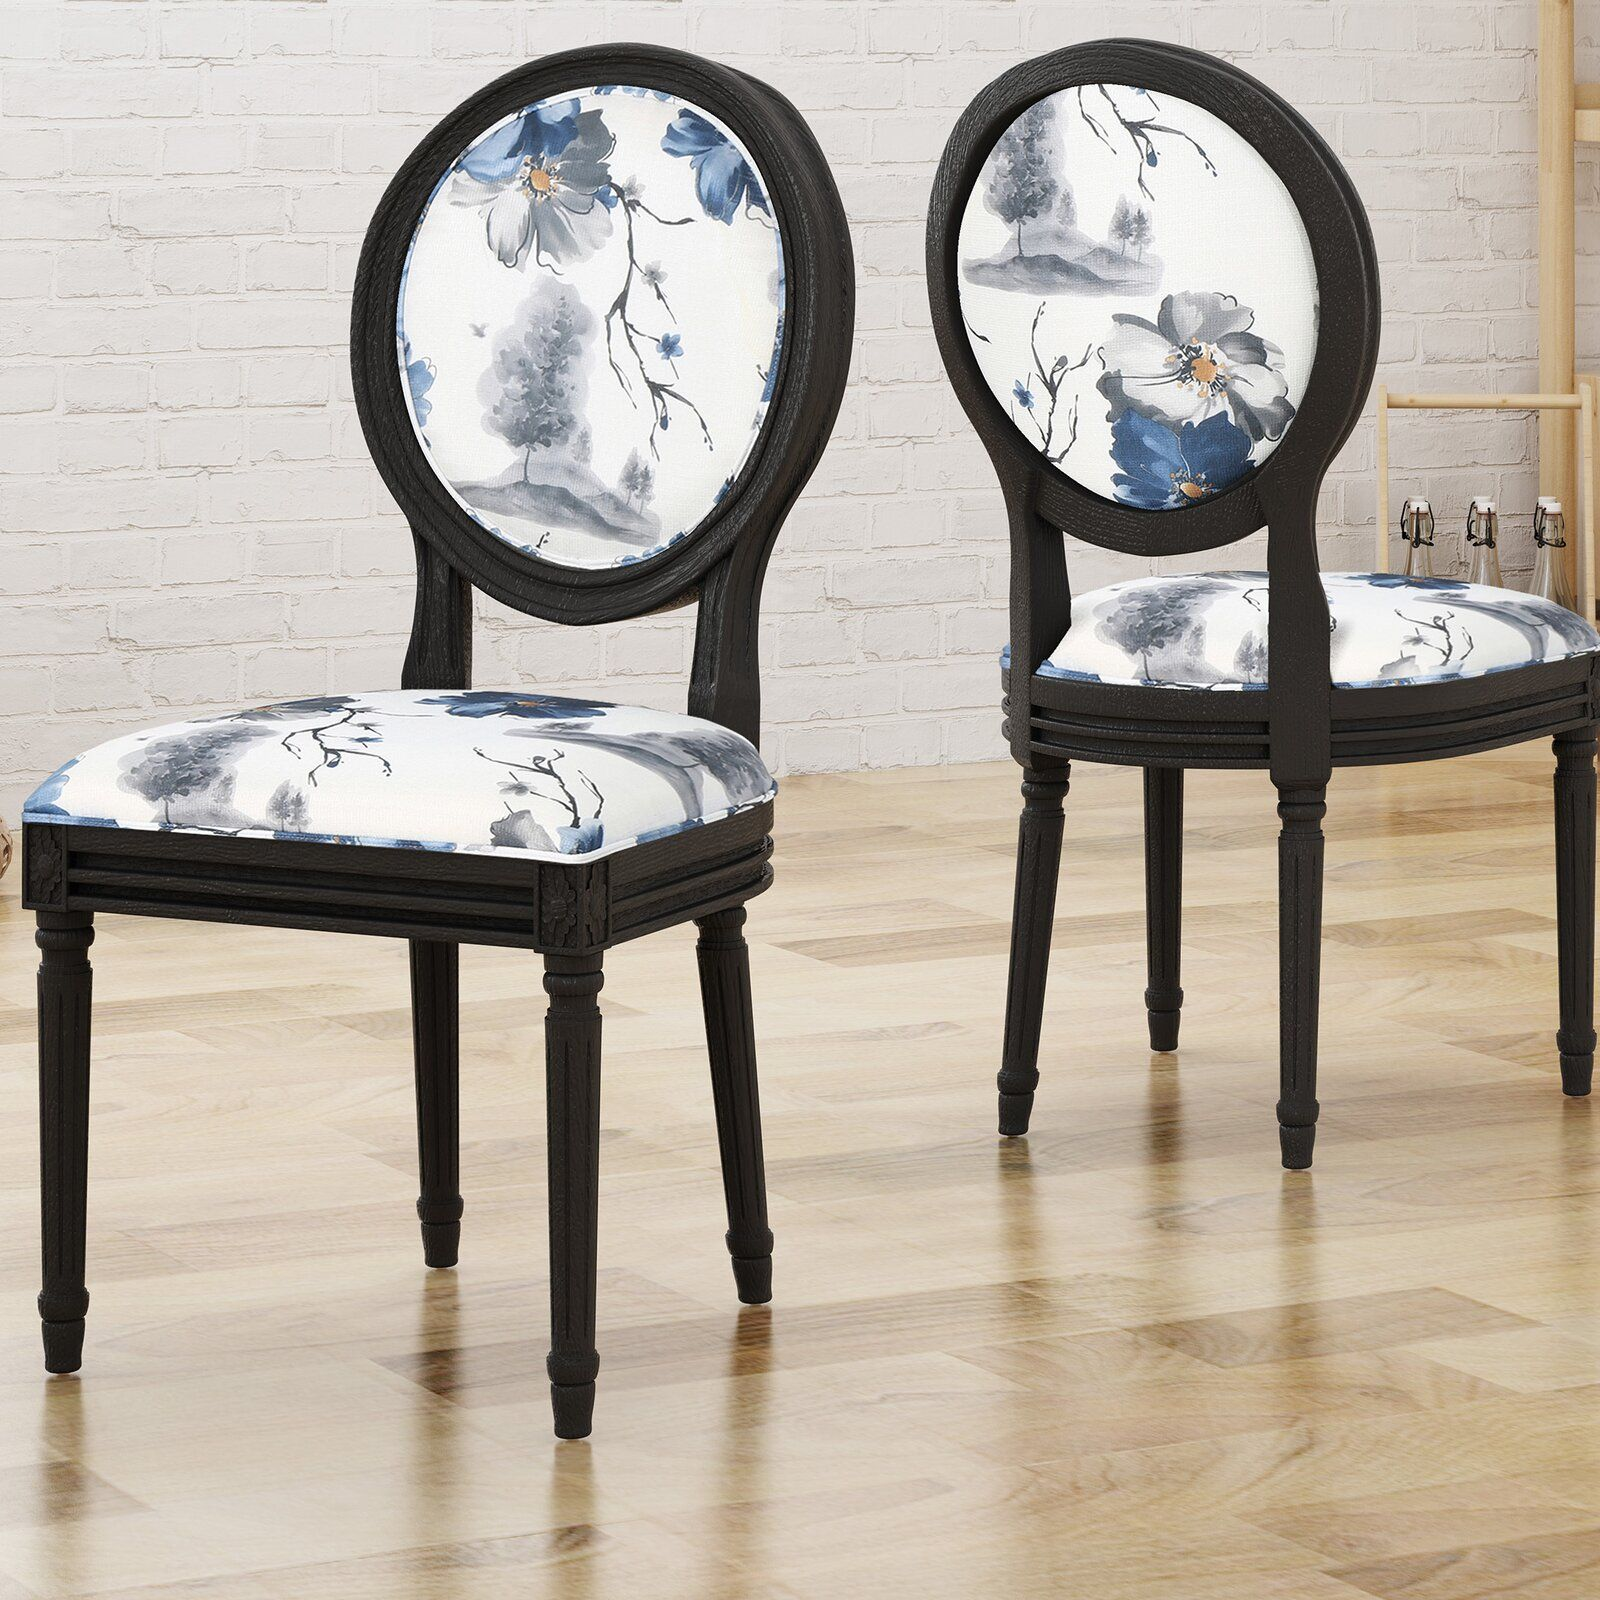 Alcott Hill Rockwood Upholstered Dining Chair Wayfair Dining Chair Upholstery Upholstered Dining Chairs Metal Dining Chairs